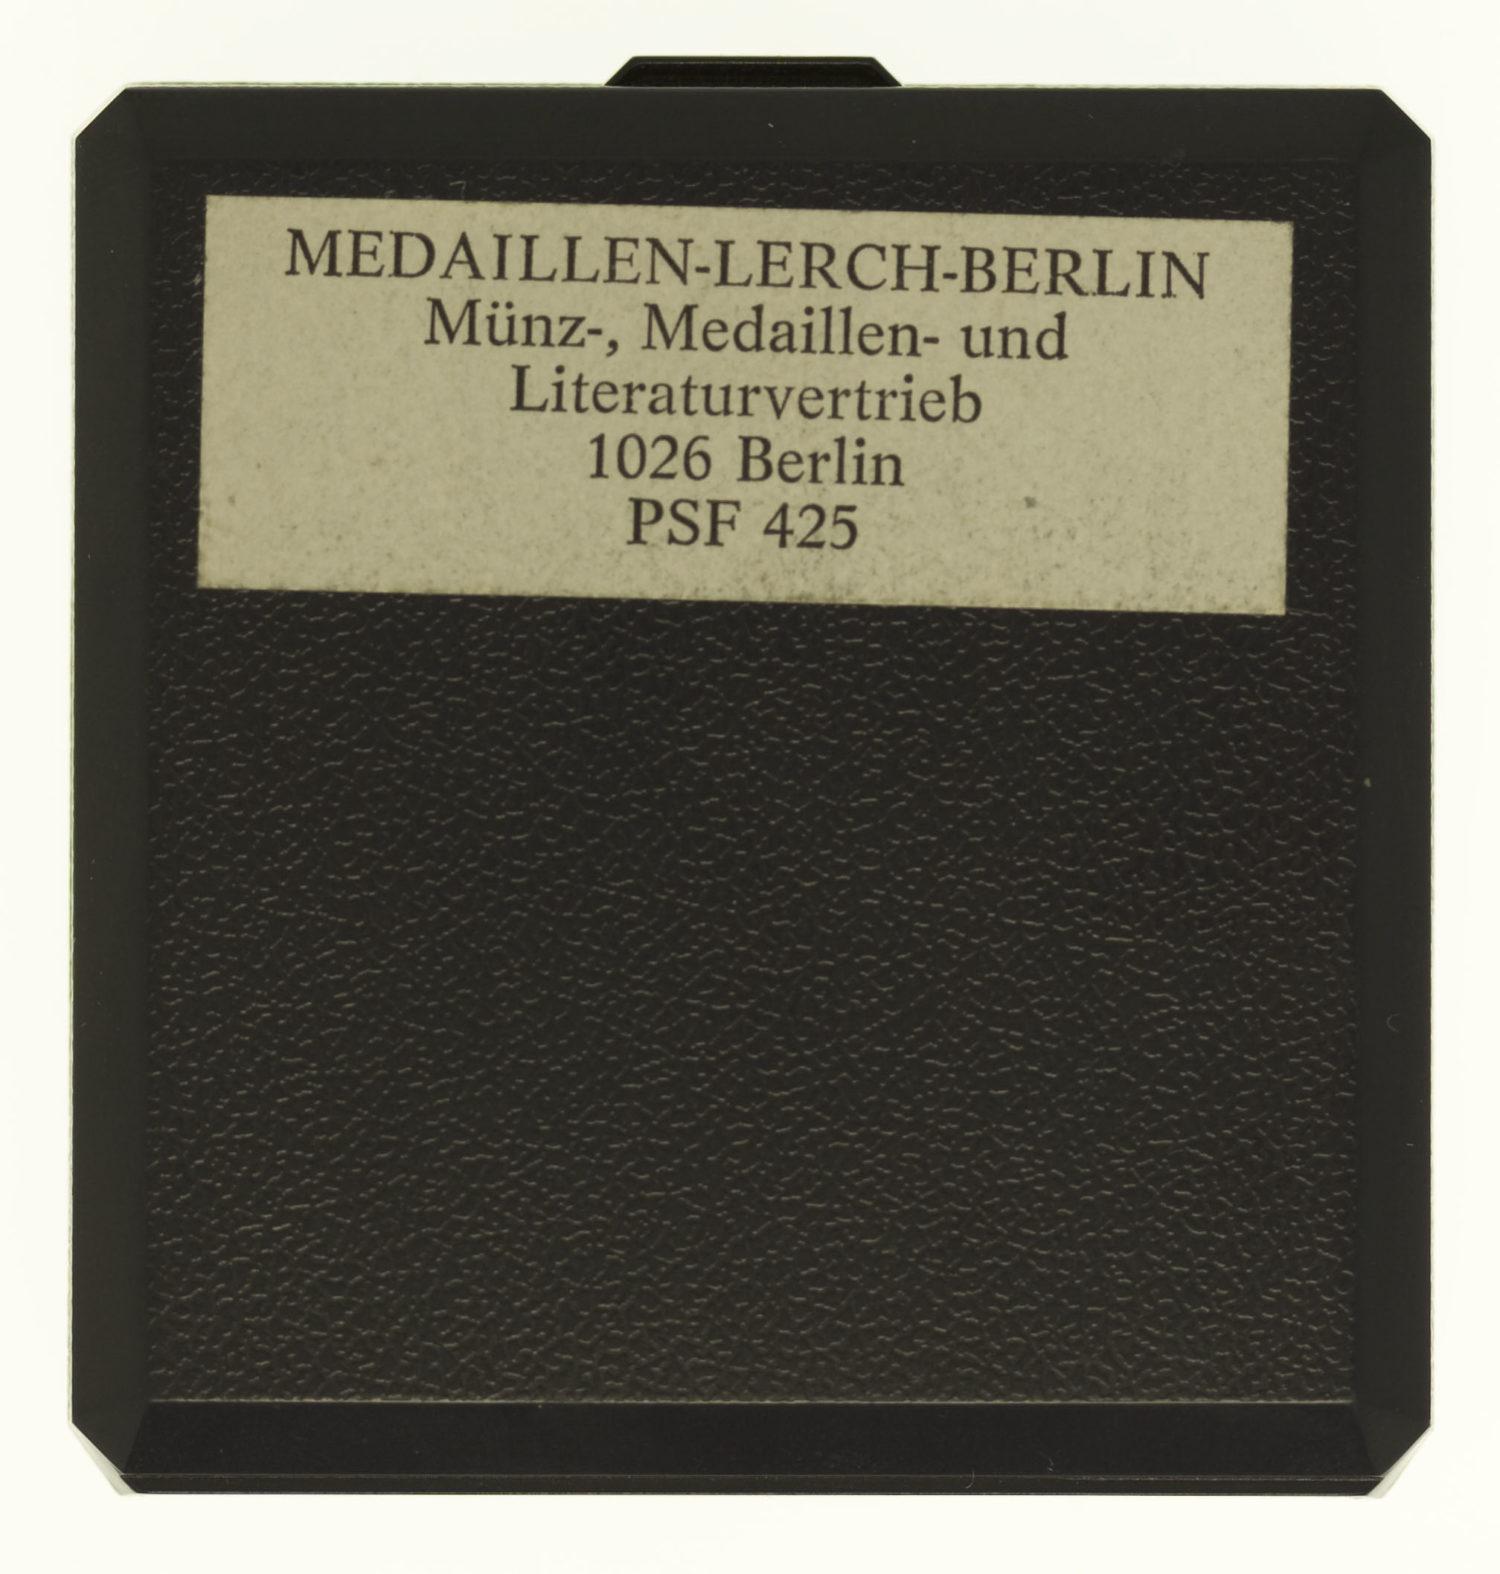 altdeutschland-deutsche-silbermuenzen - Silbermedaille Martin Luther Depaulis Neuprägung durch König